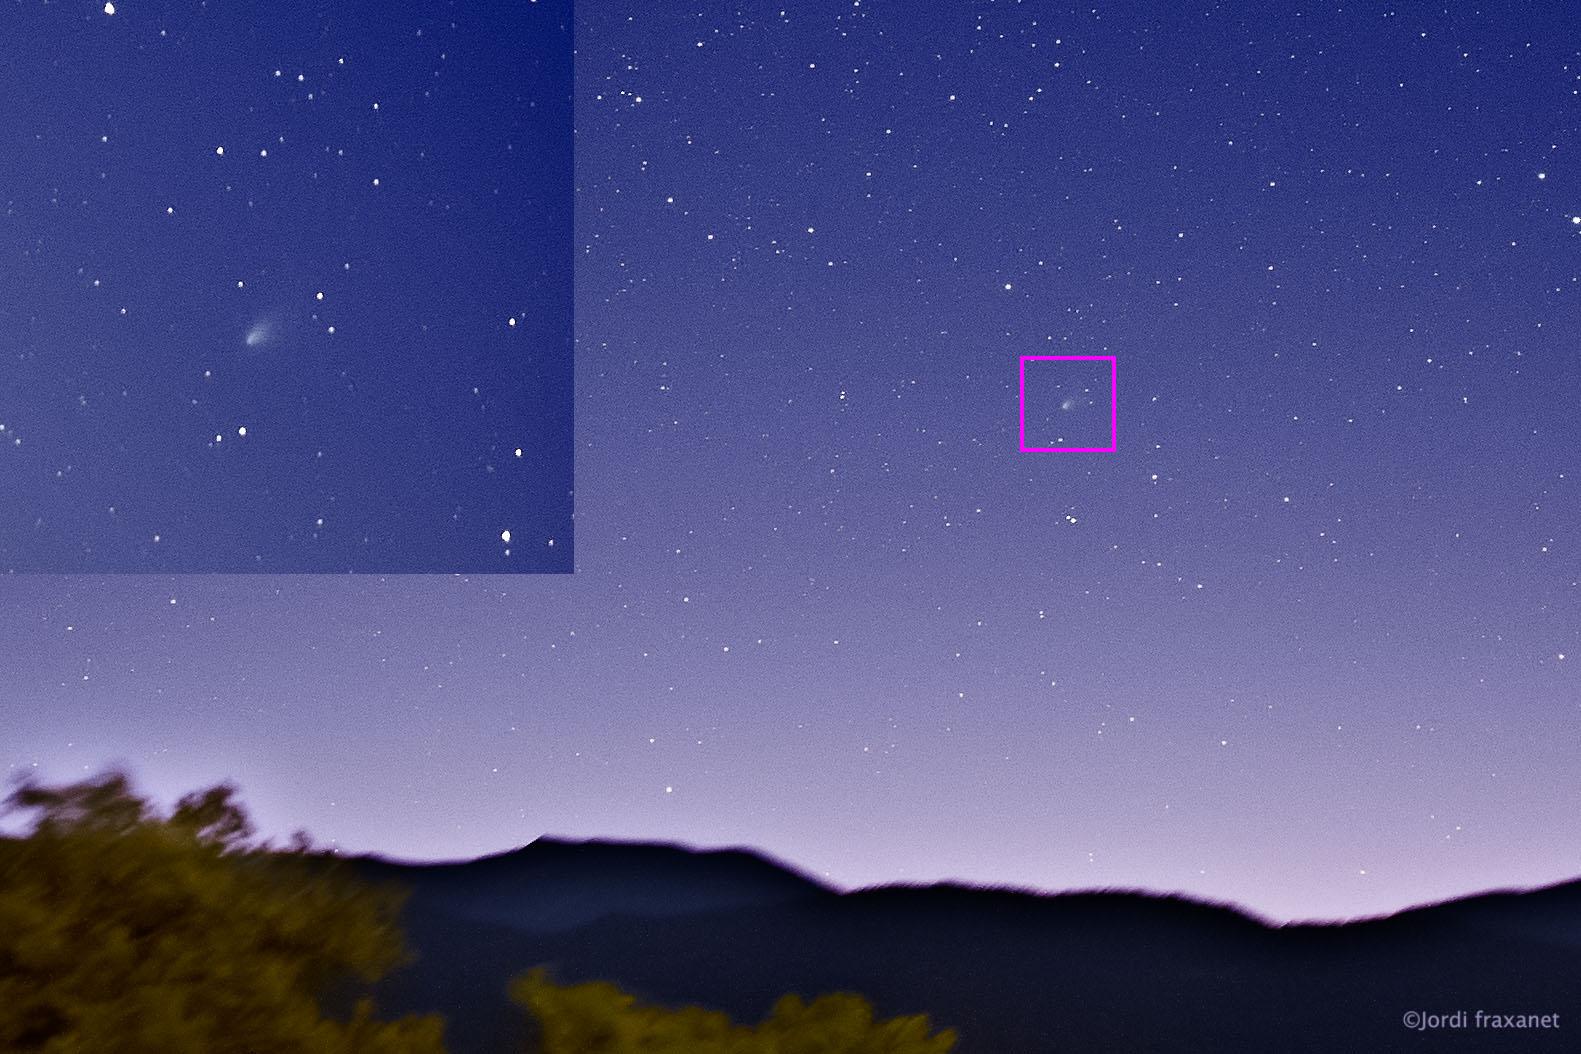 Cometa C/2020 F8 SWAN gran campo y detalle el 18/05/20